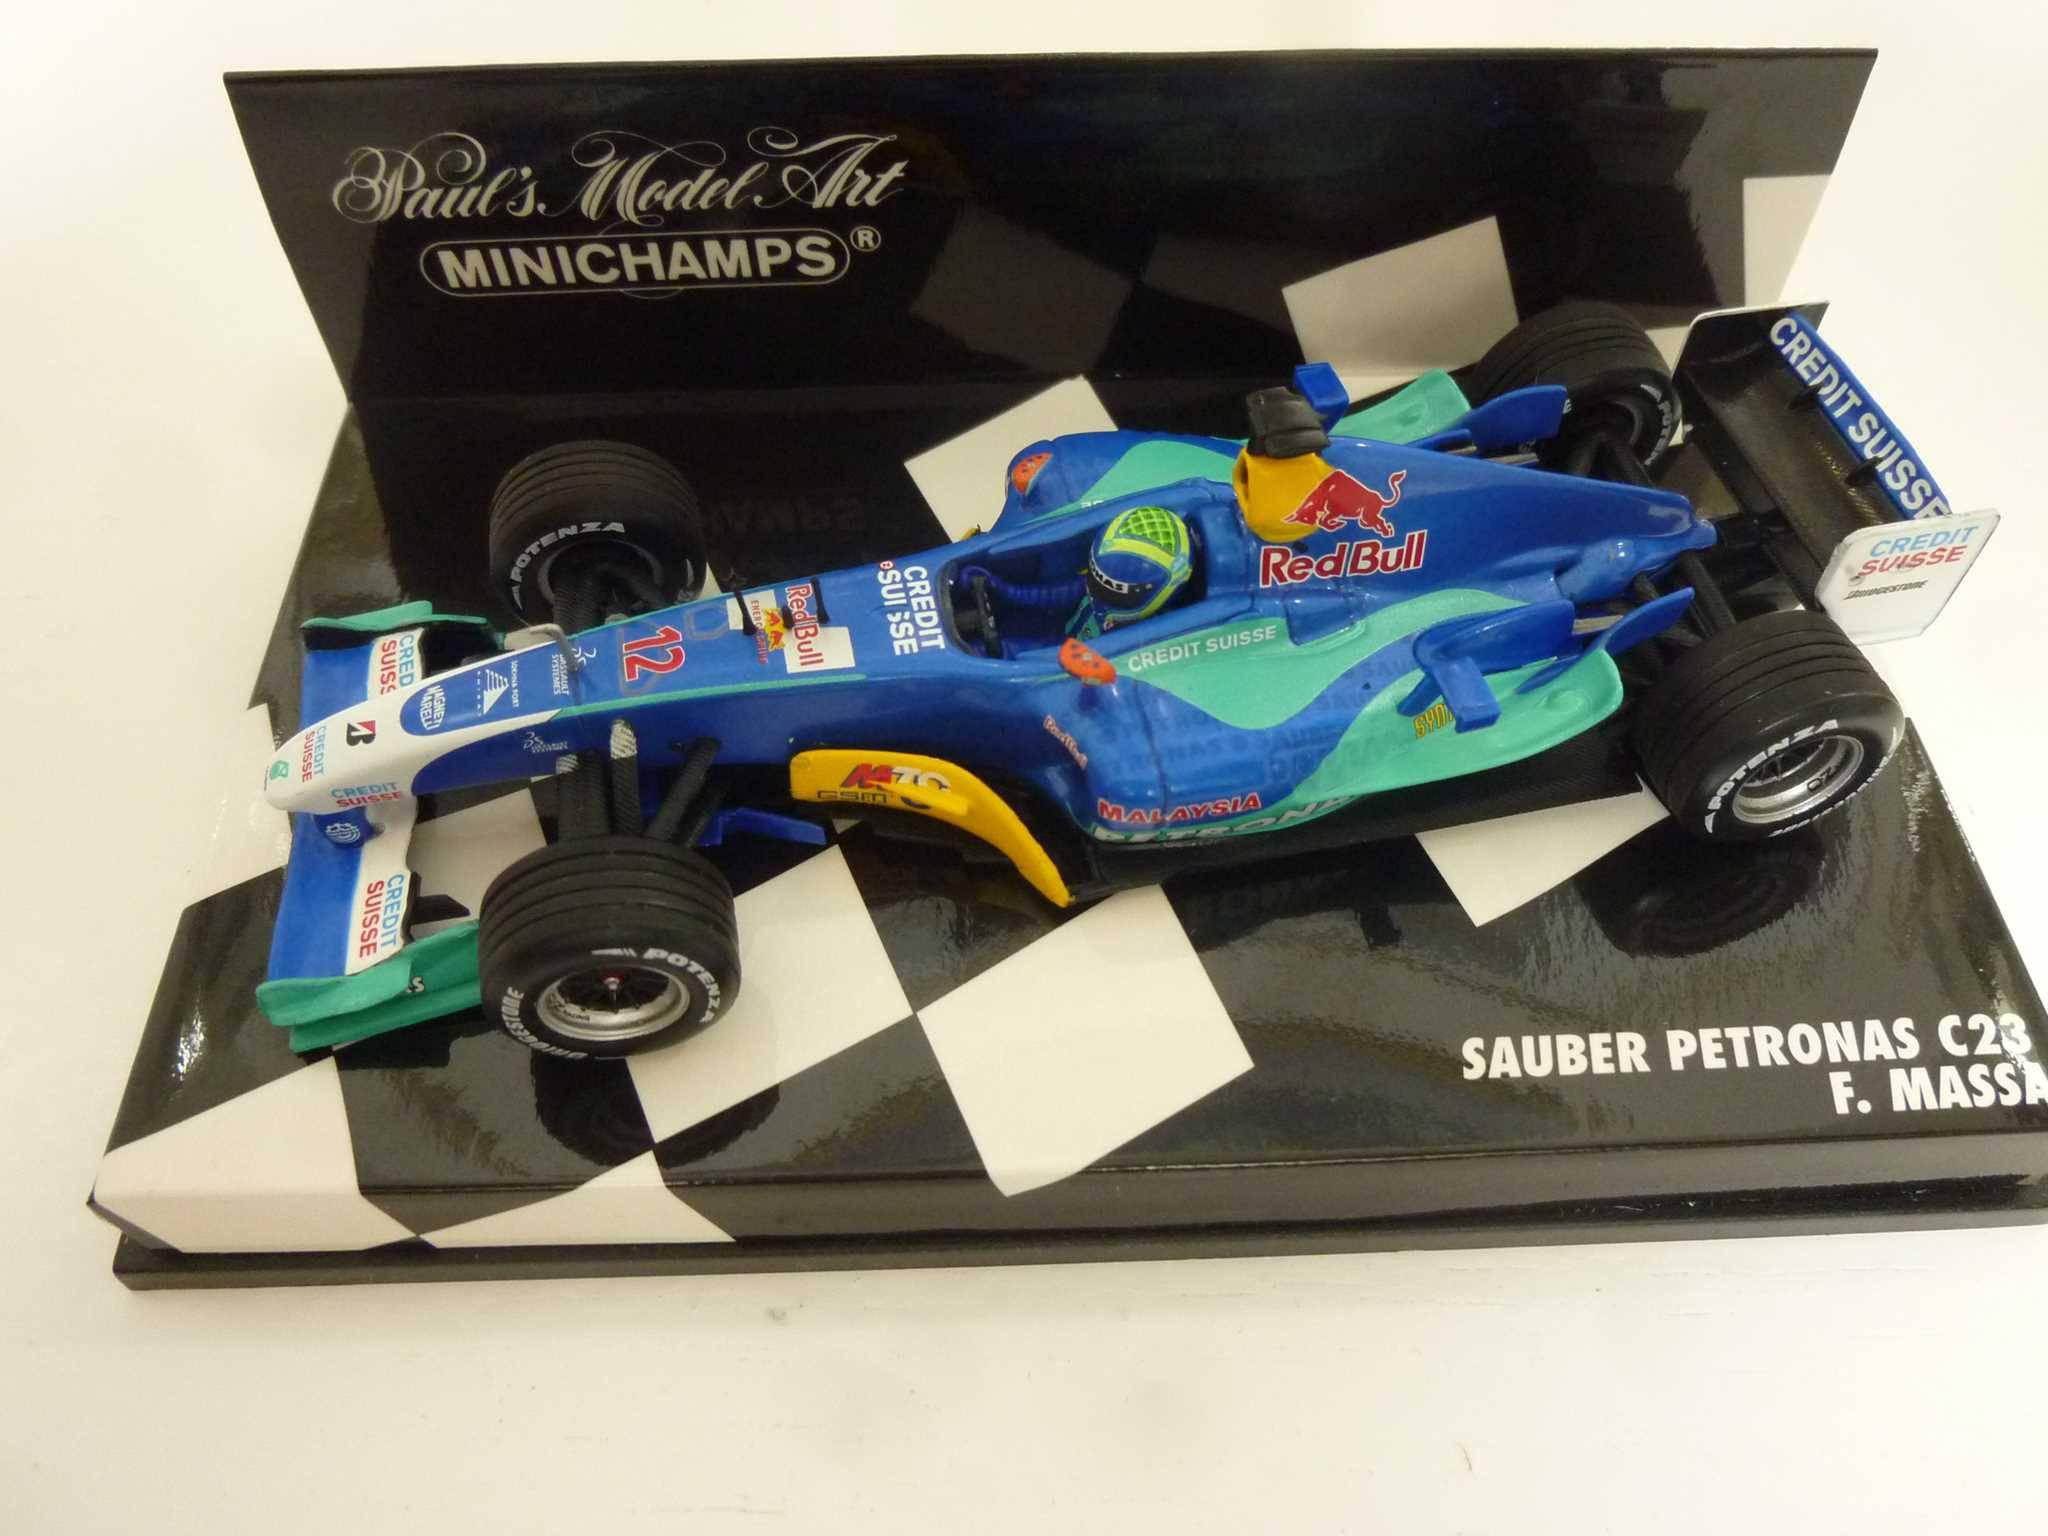 Scrapeo Expired Jaket Redbull Sauber C23 Petronas F1 Felipe Massa Minichamps 143 30 Chf